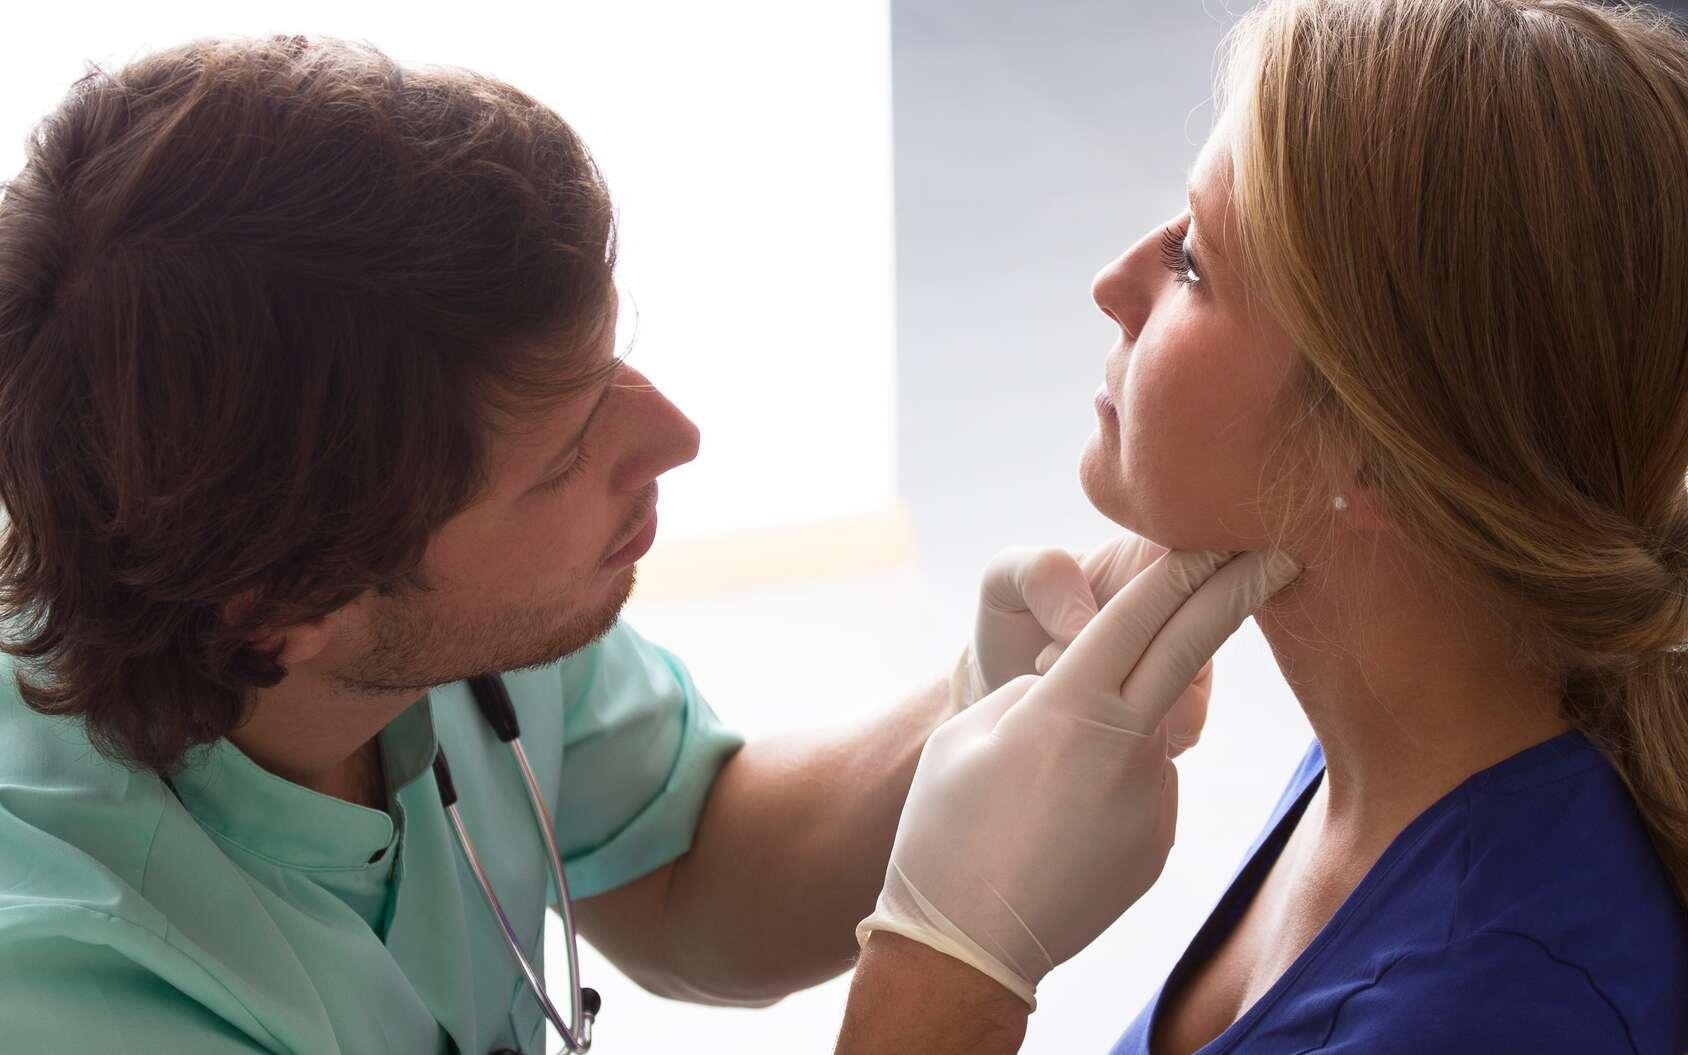 La thyroïde est une glande située à la base du cou. Pour traiter l'hypothyroïdie, il faut compenser le déficit d'hormones thyroïdiennes. C'est ce qu'est censé faire le Levothyrox. © Photographee.eu, Fotolia